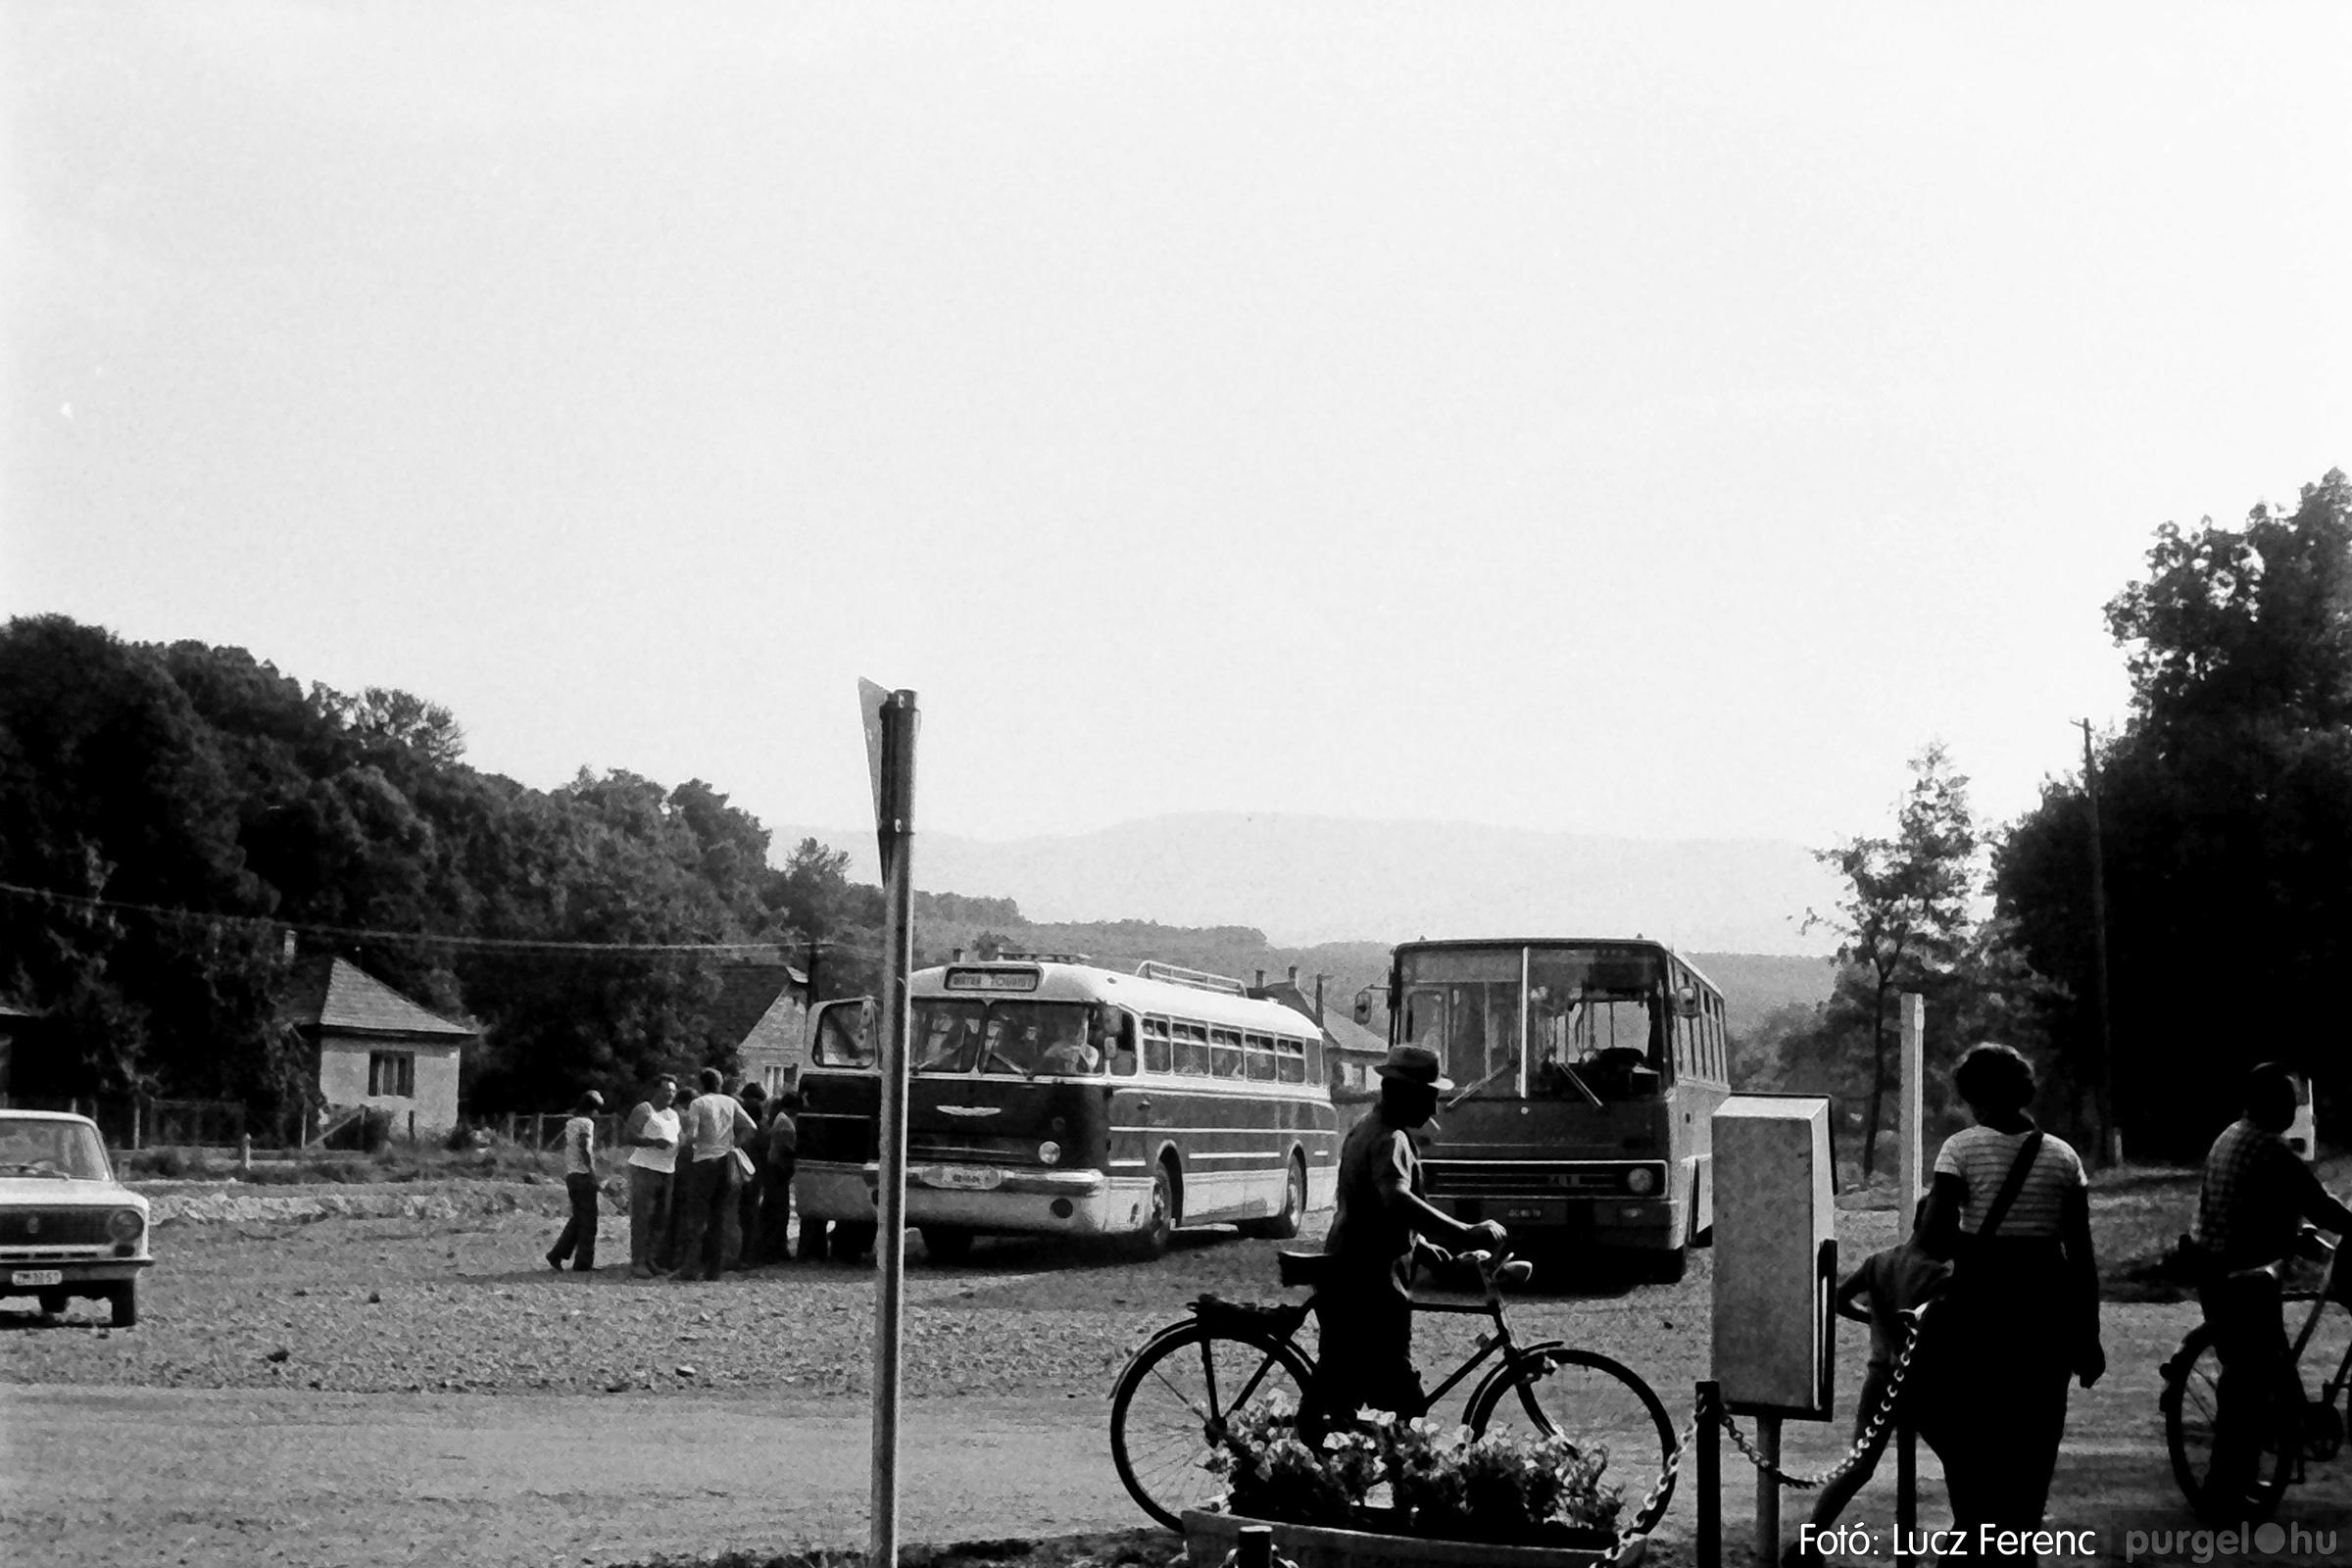 086, 088. 1977. Nyári tábor a Mátrában 040. - Fotó: Lucz Ferenc.jpg